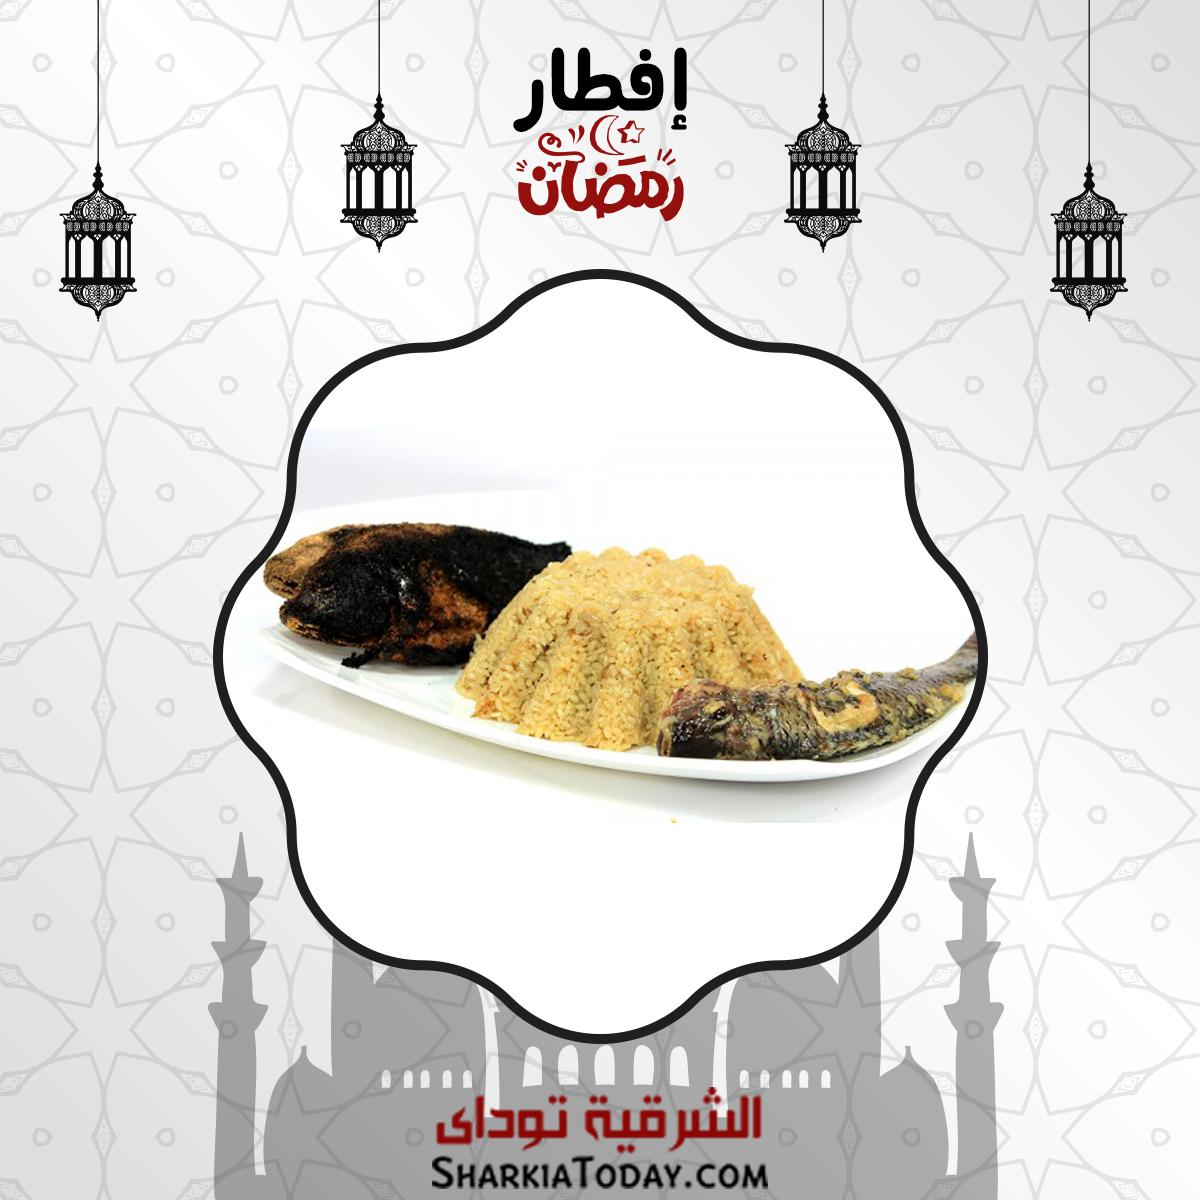 صورة افطار 11 رمضان 2018 ..سمك بلطي مشوي مع أرز صيادية